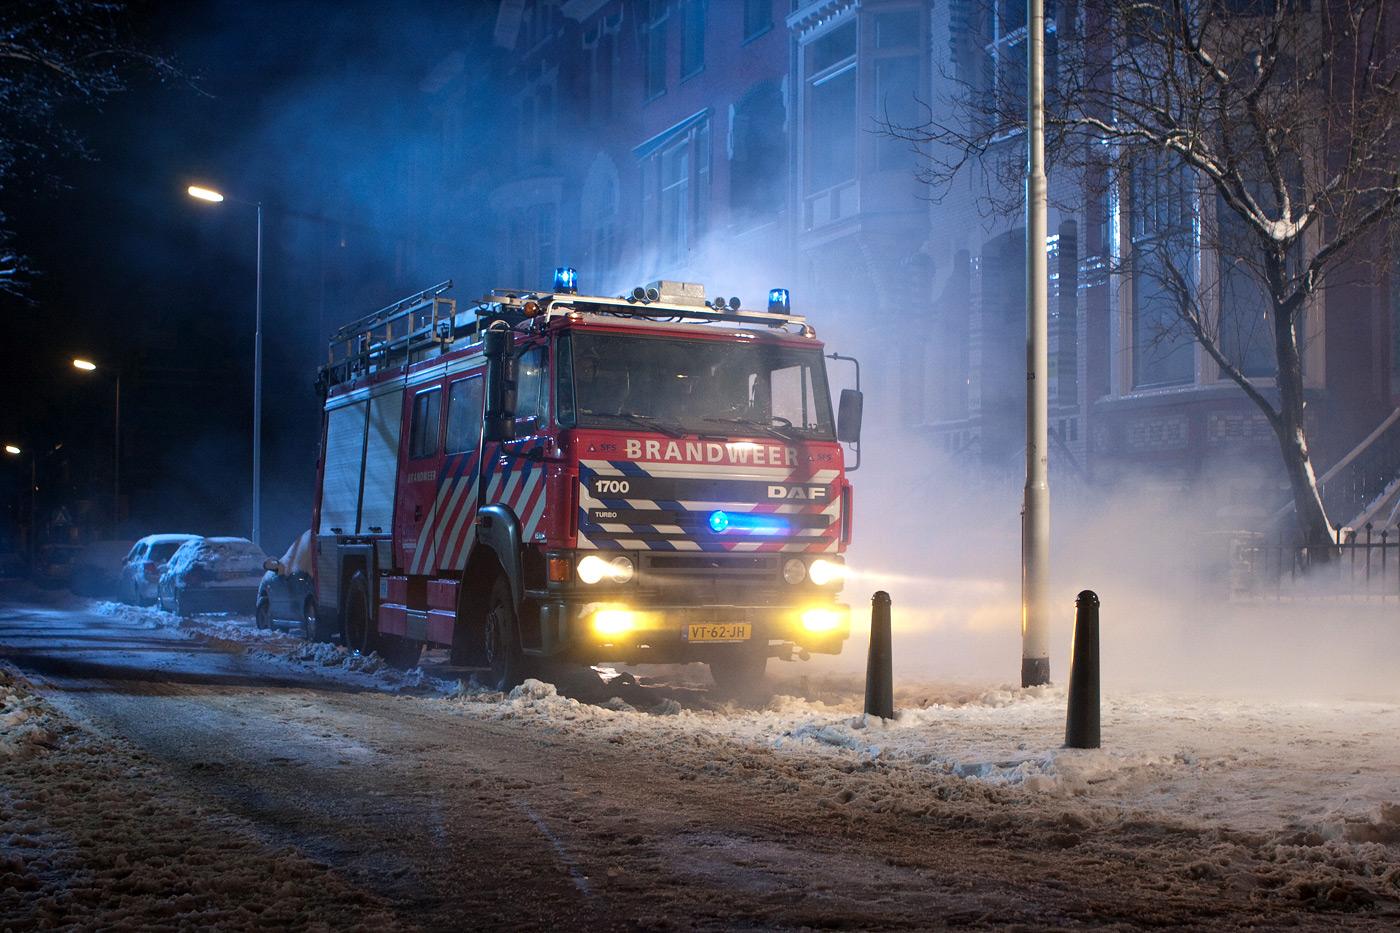 westwijk brandweerauto